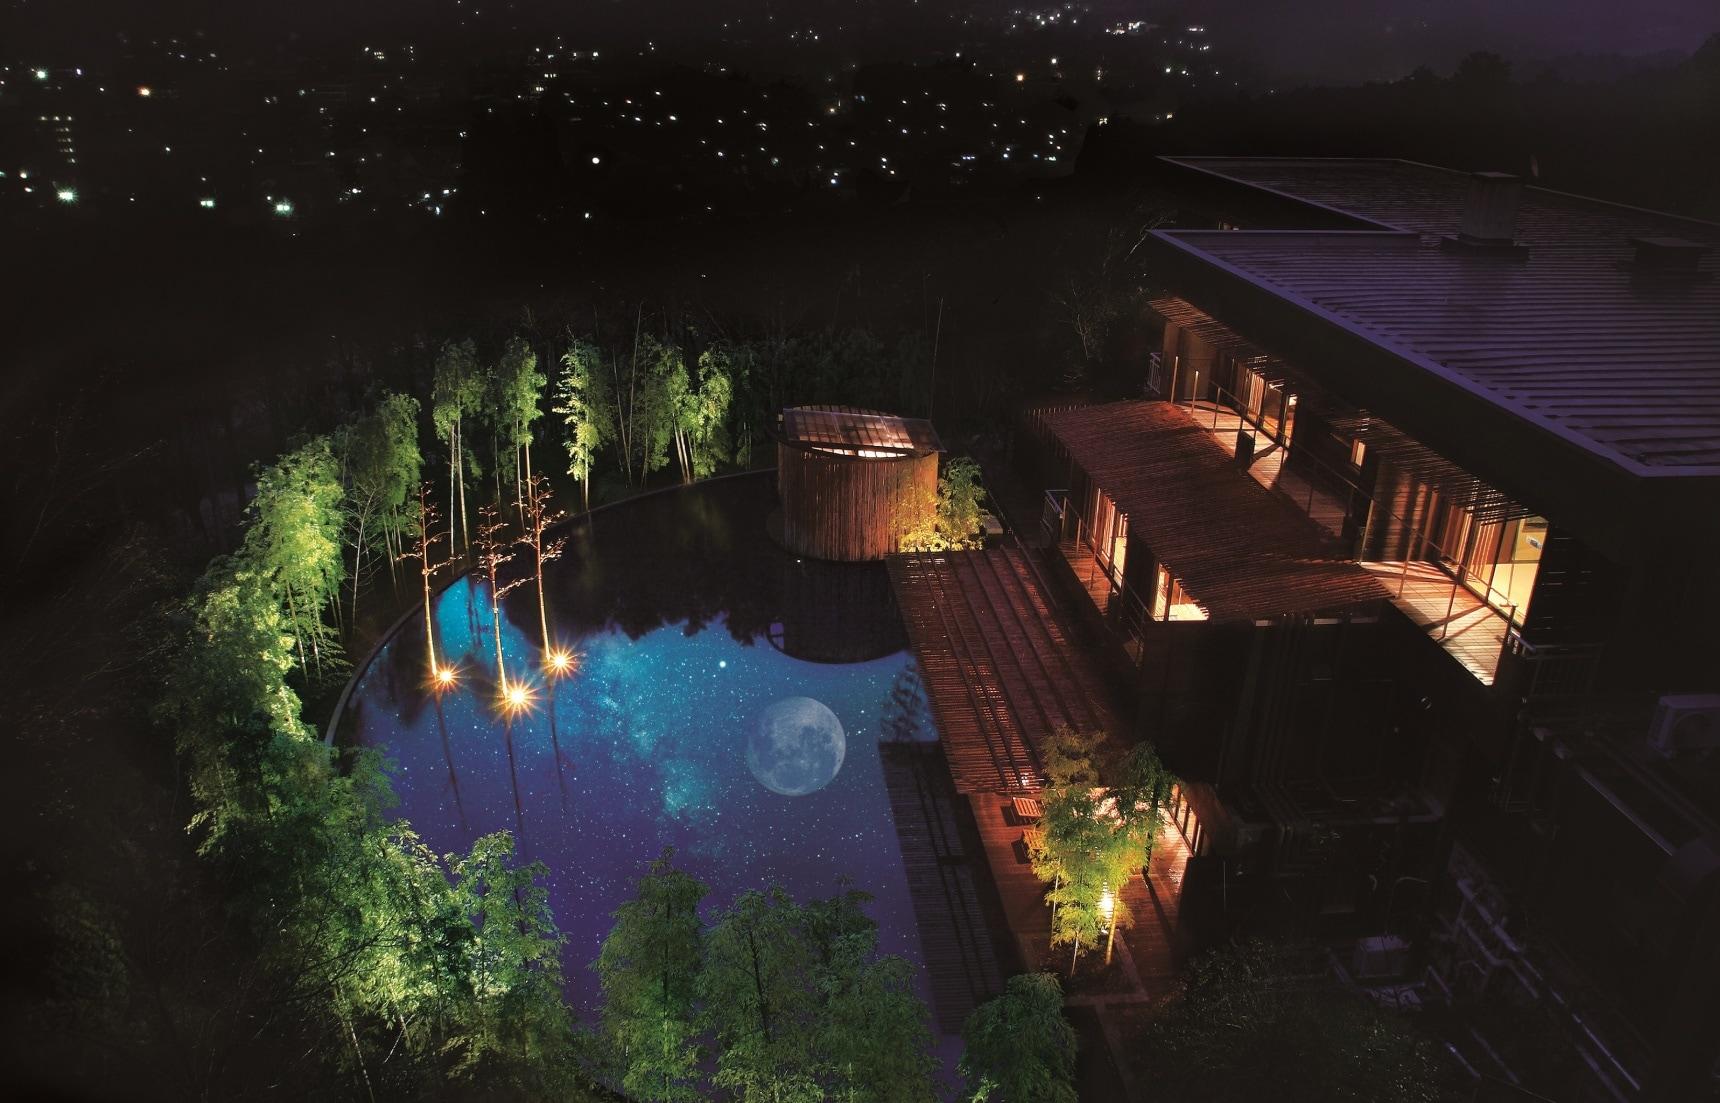 【箱根住宿】現代版的輝夜姬傳說 金乃竹旅館入住體驗